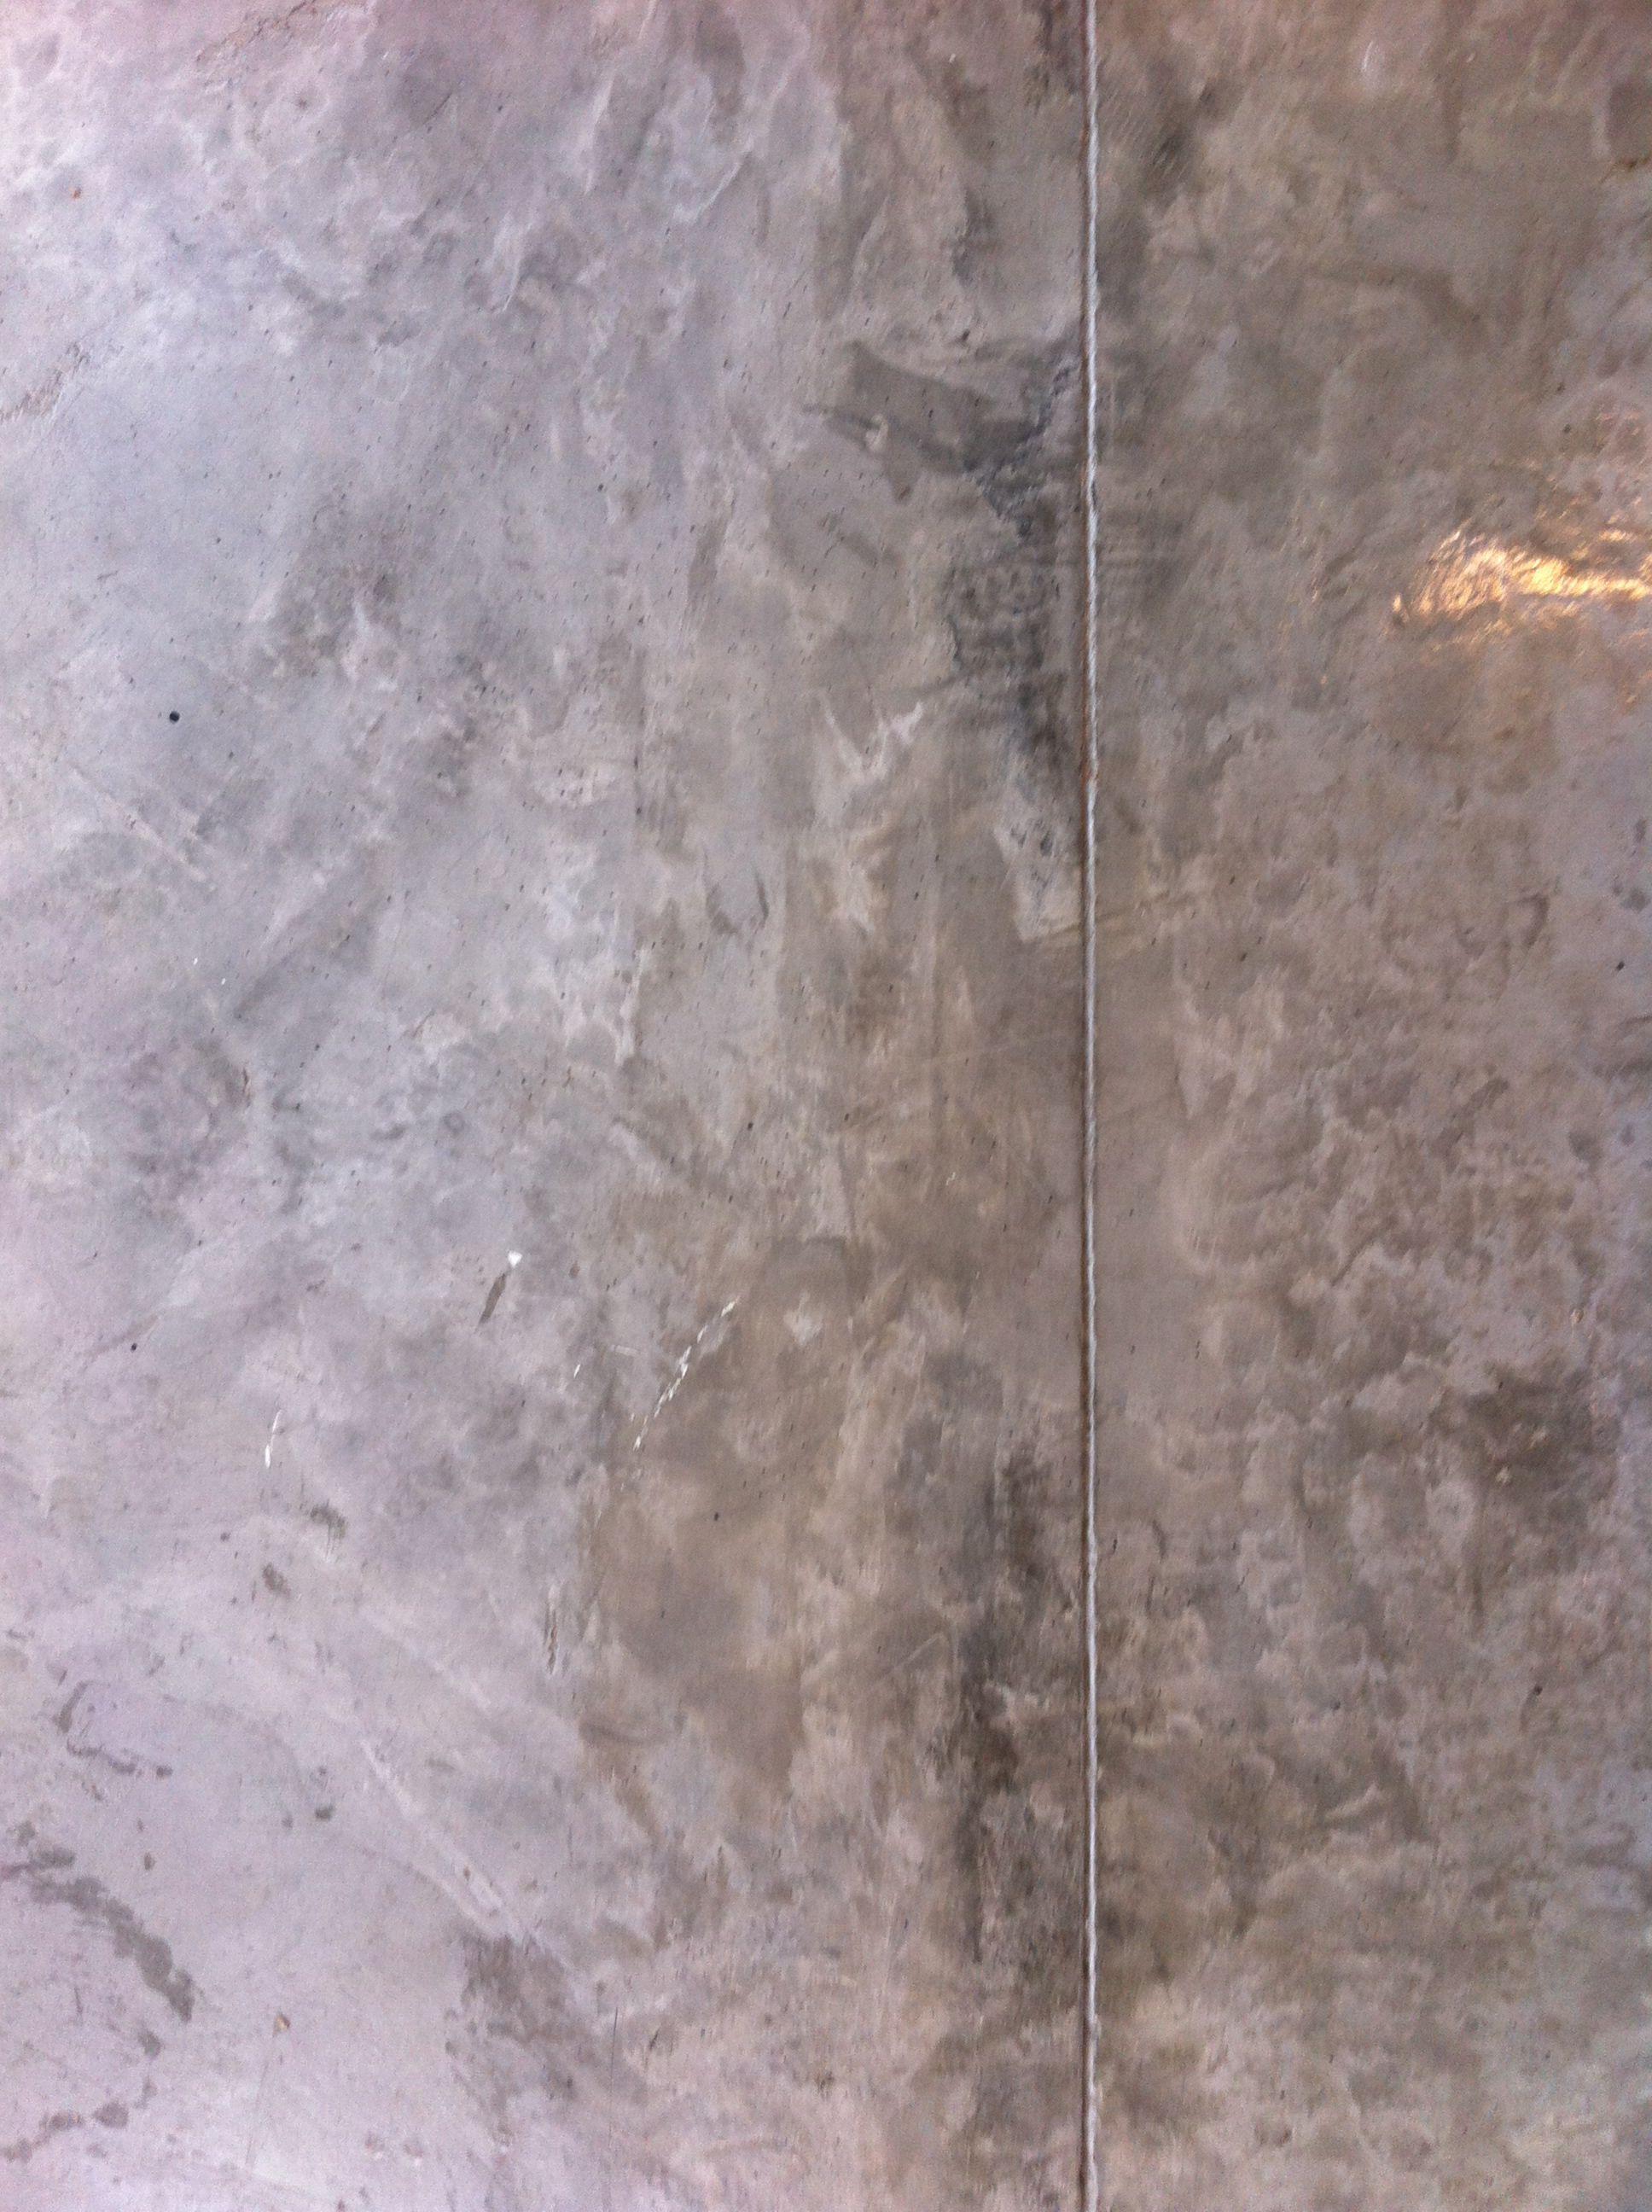 Concreto pulido brillante texturas pinterest for Piso cemento pulido blanco